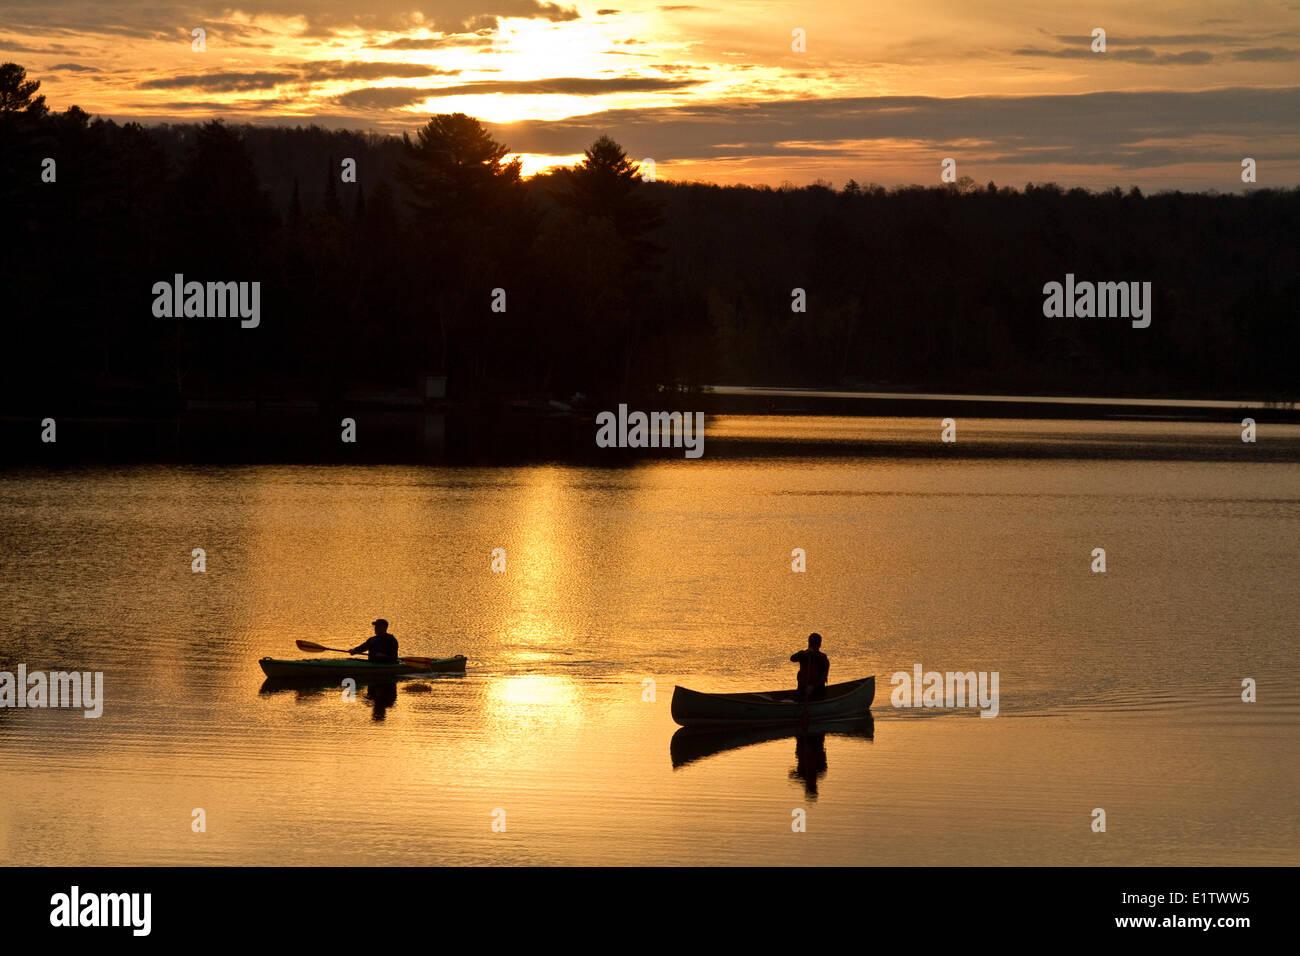 Two men paddle canoe and kayak on Oxtongue Lake at sunrise, Muskoka, Ontario, Canada. - Stock Image